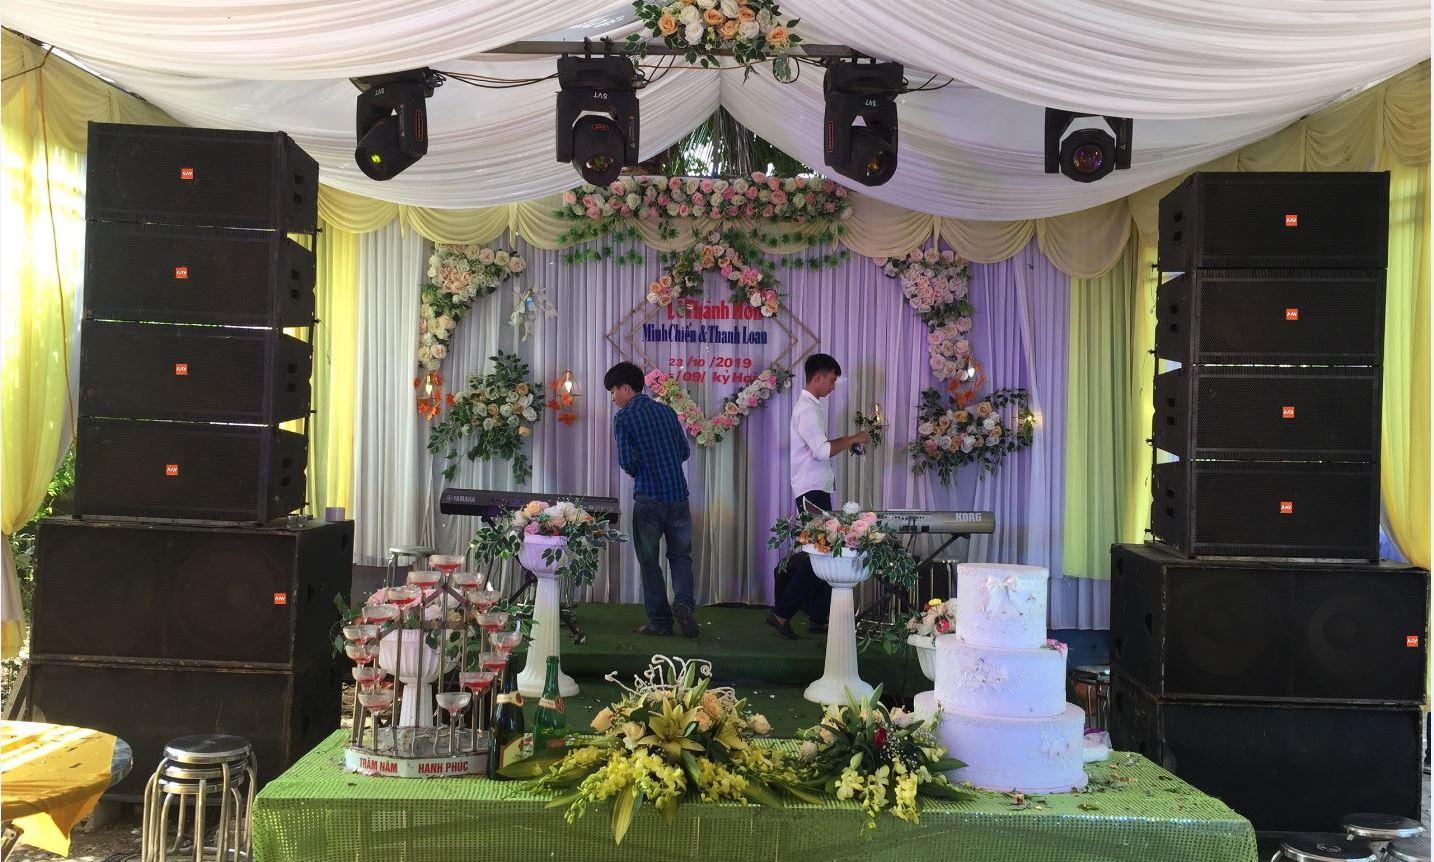 Dàn âm thanh - ánh sáng tiệc cưới